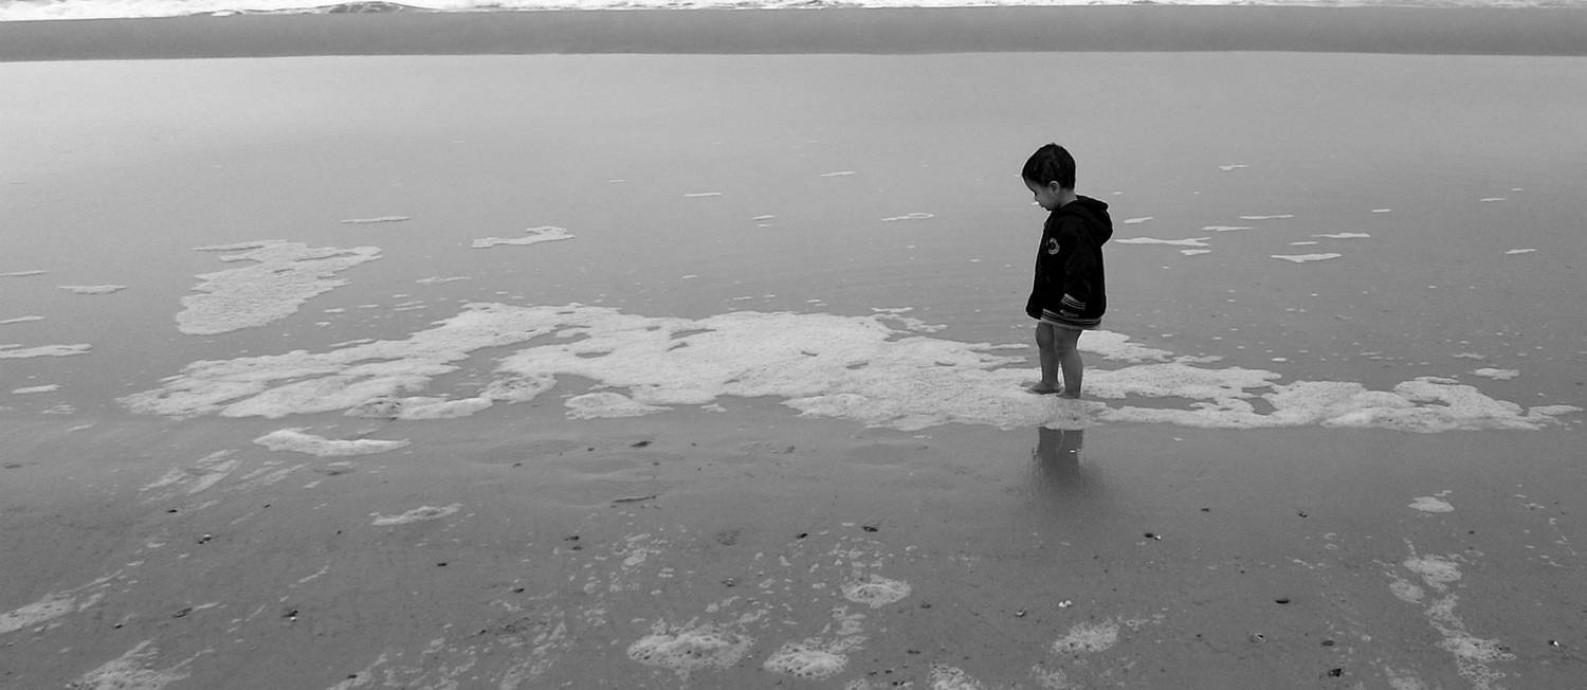 RS - filme Em um mundo interior que tem com tema autismo Foto: Divulgaçaõ